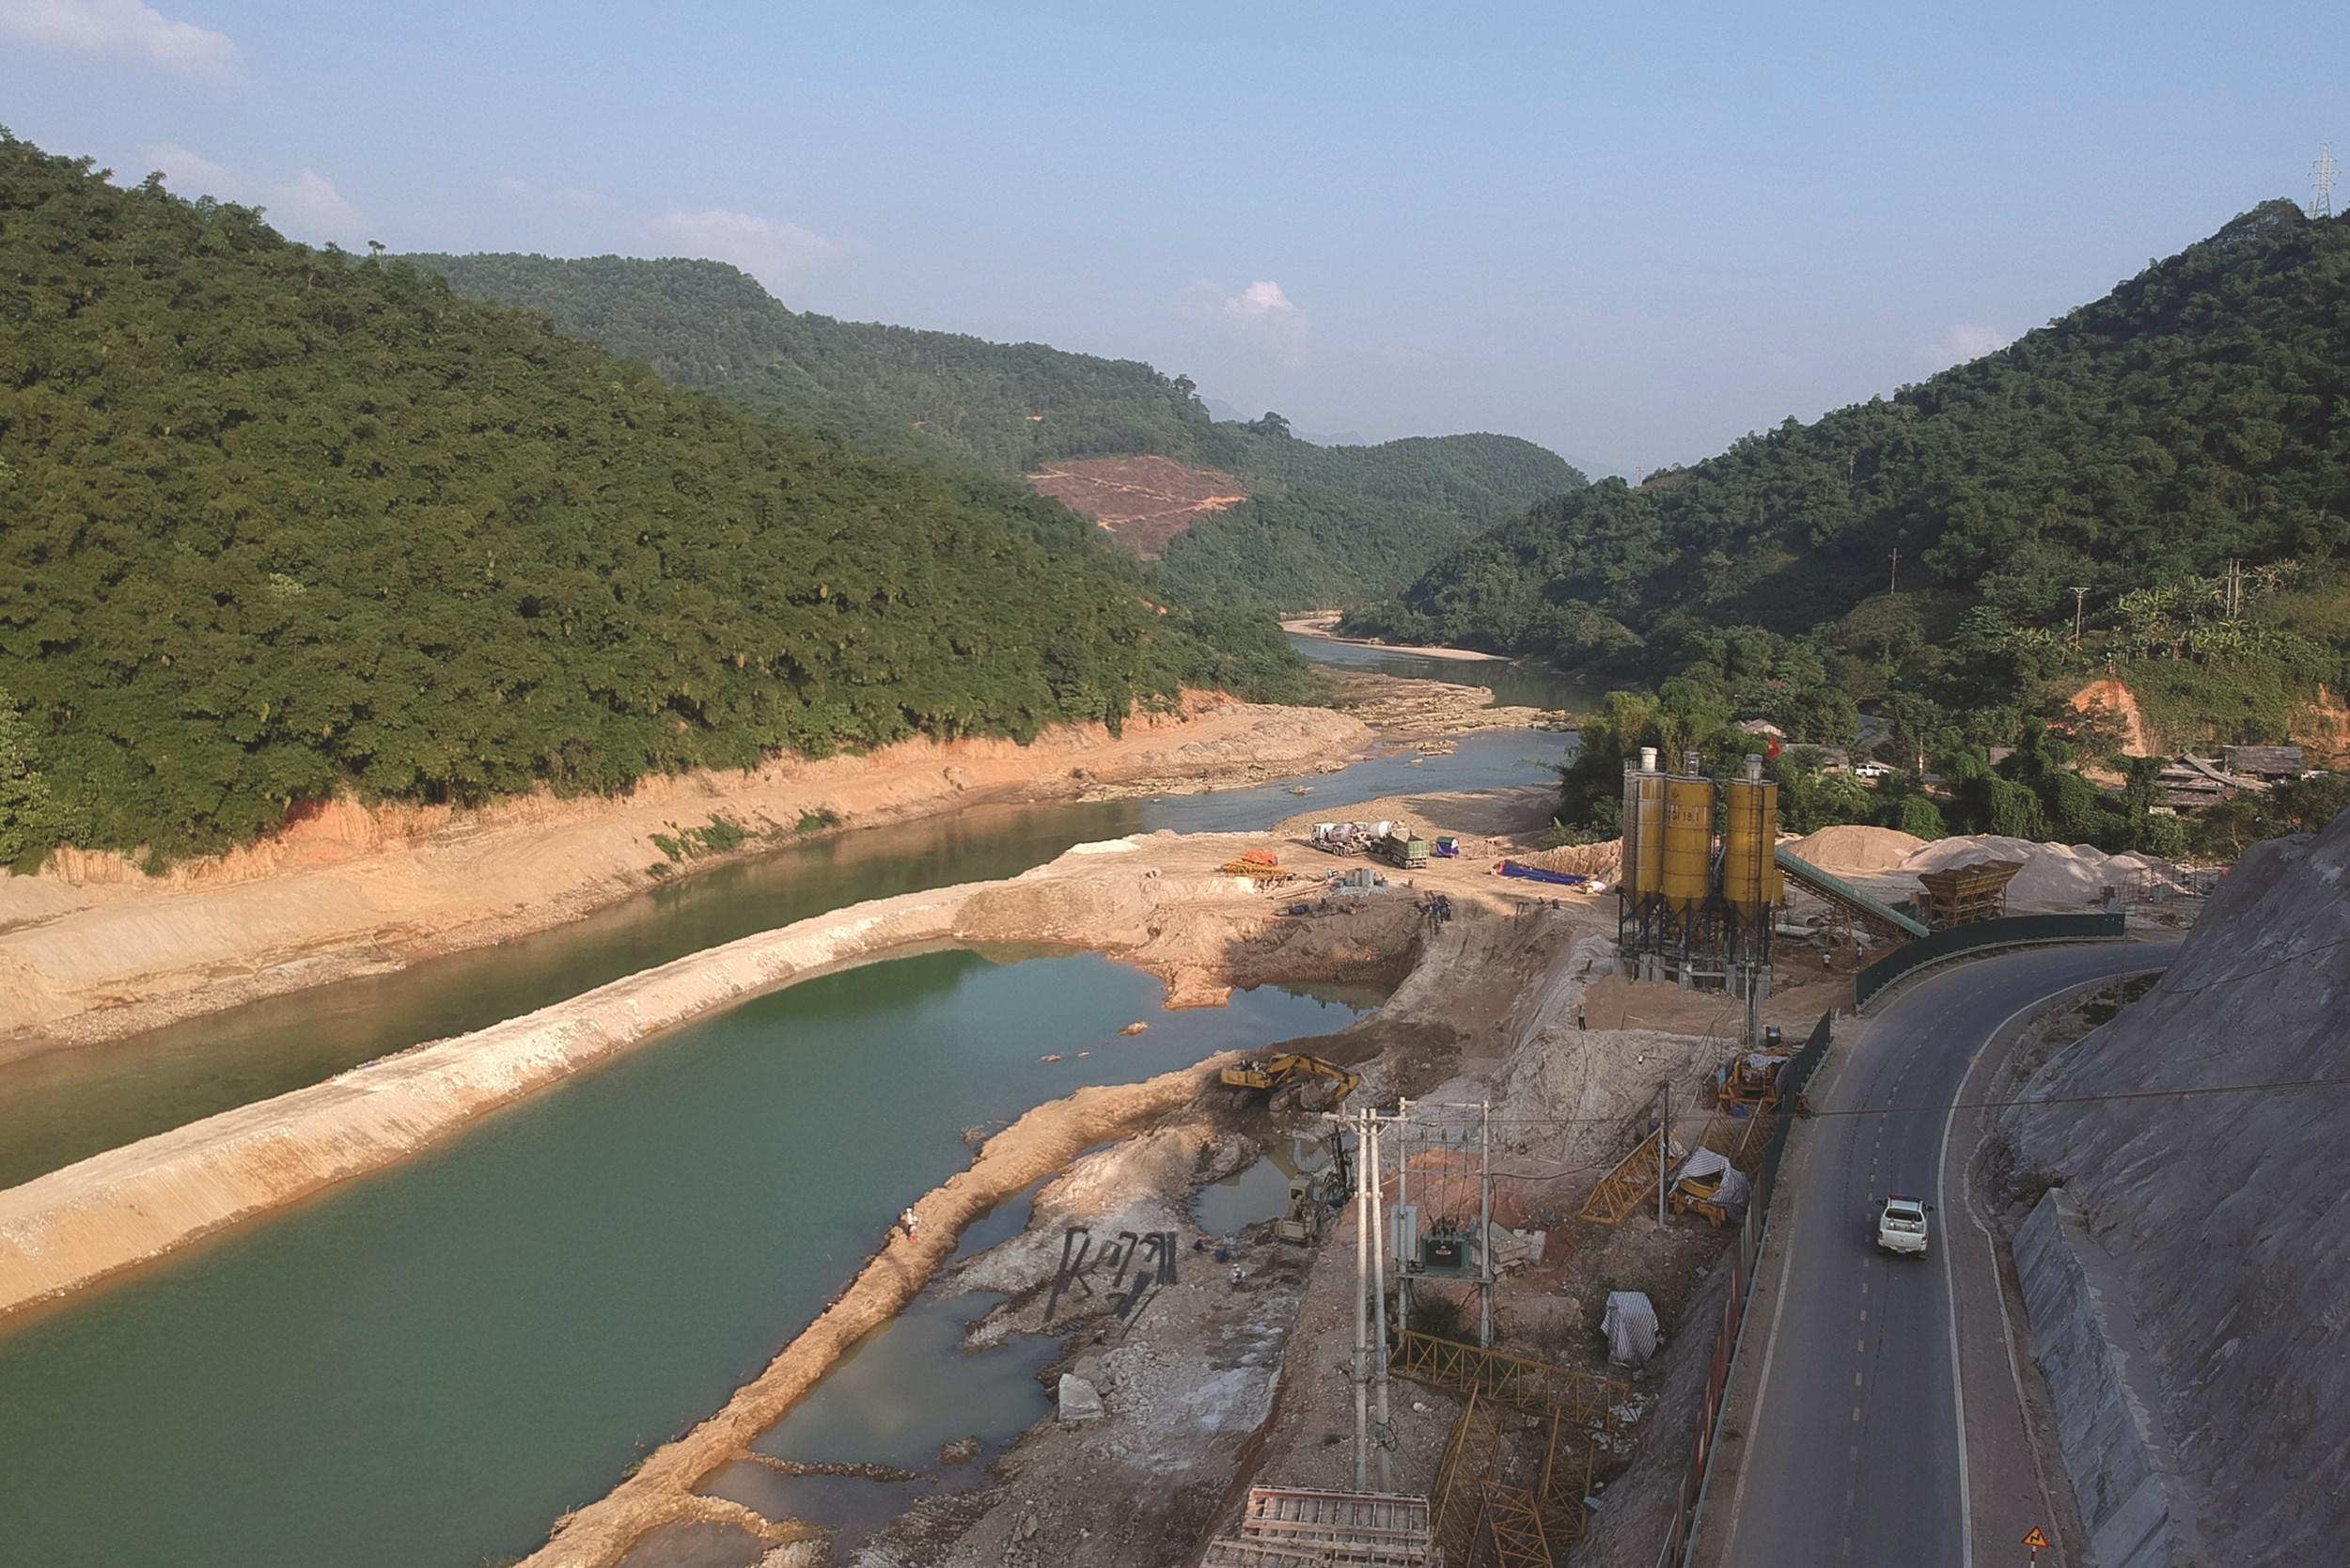 Thủy điện Phúc Long đang được xây dựng, cả khu vực sẽ không còn gì để quan trắc, đo đạc.